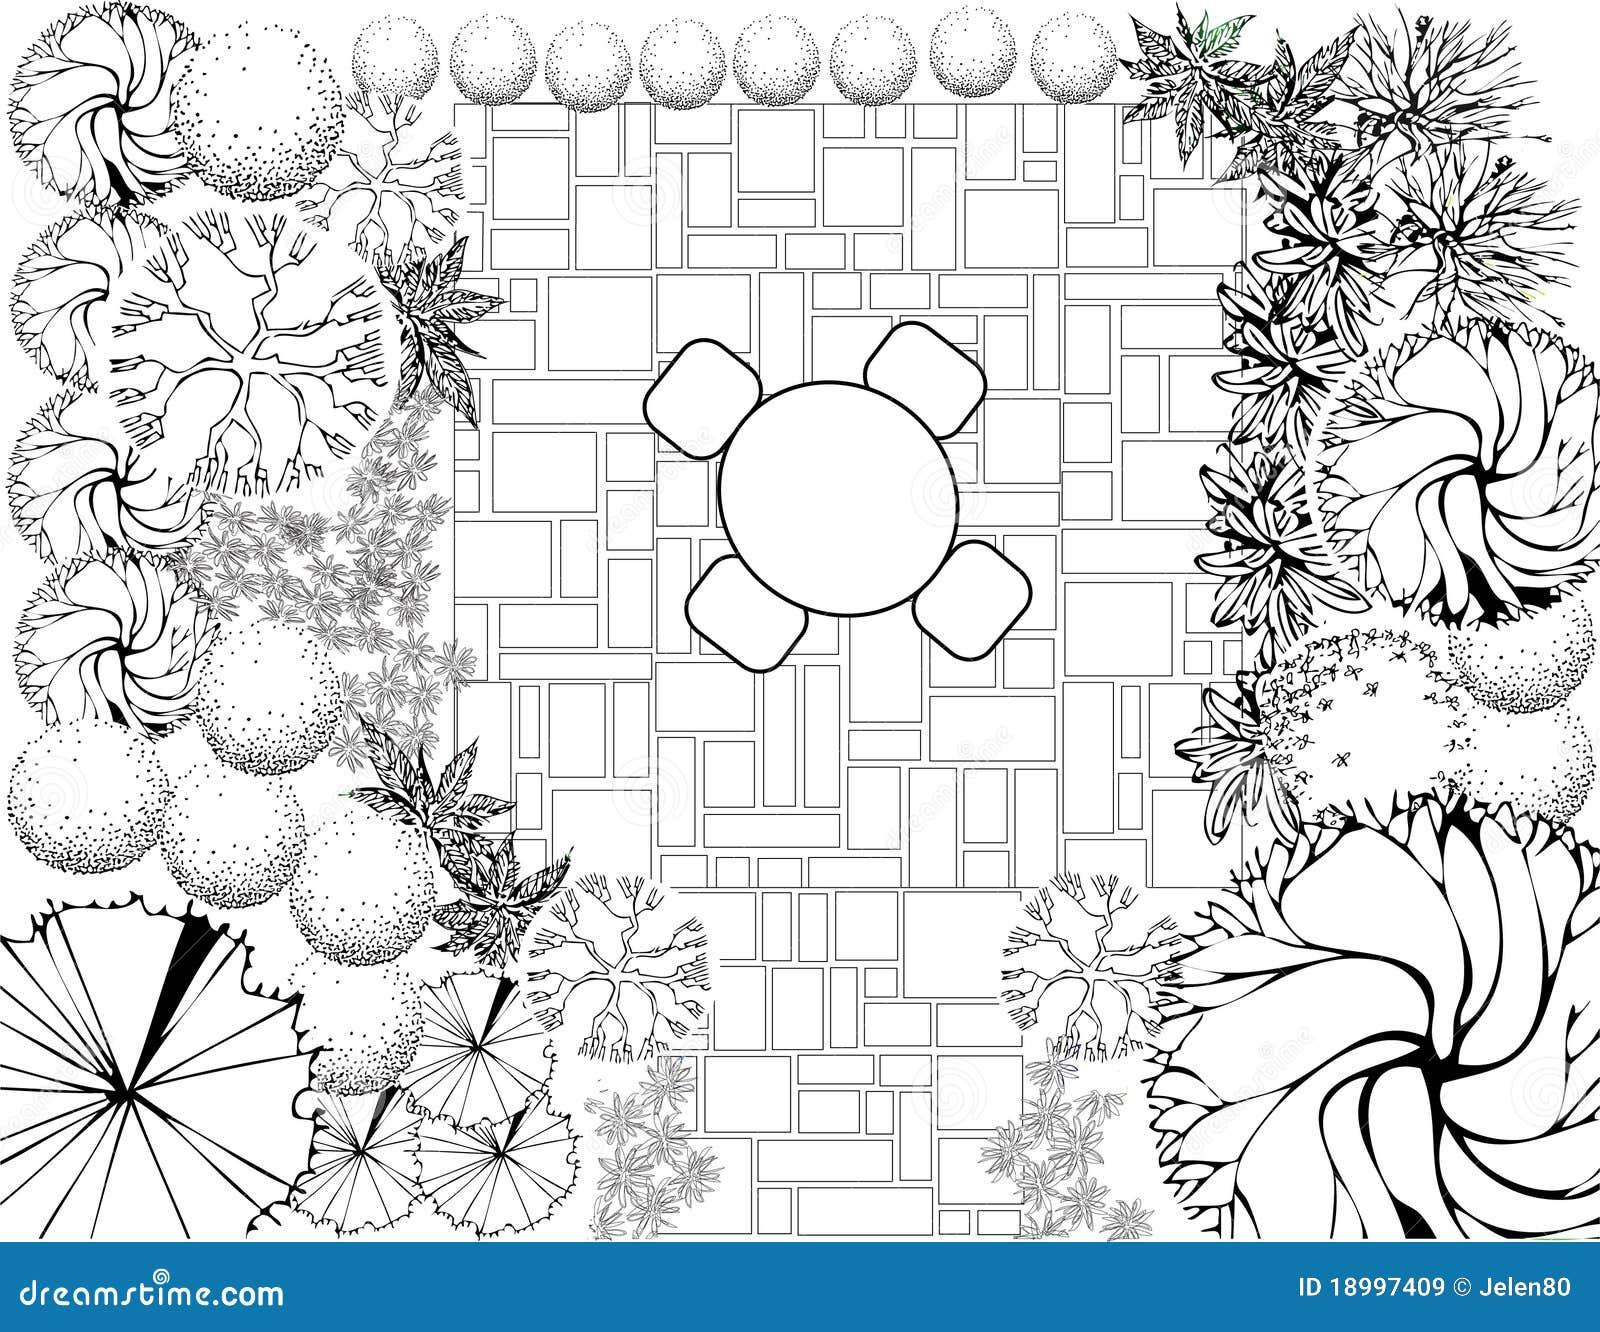 Plan de jardin noir et blanc images libres de droits for Plan jardin